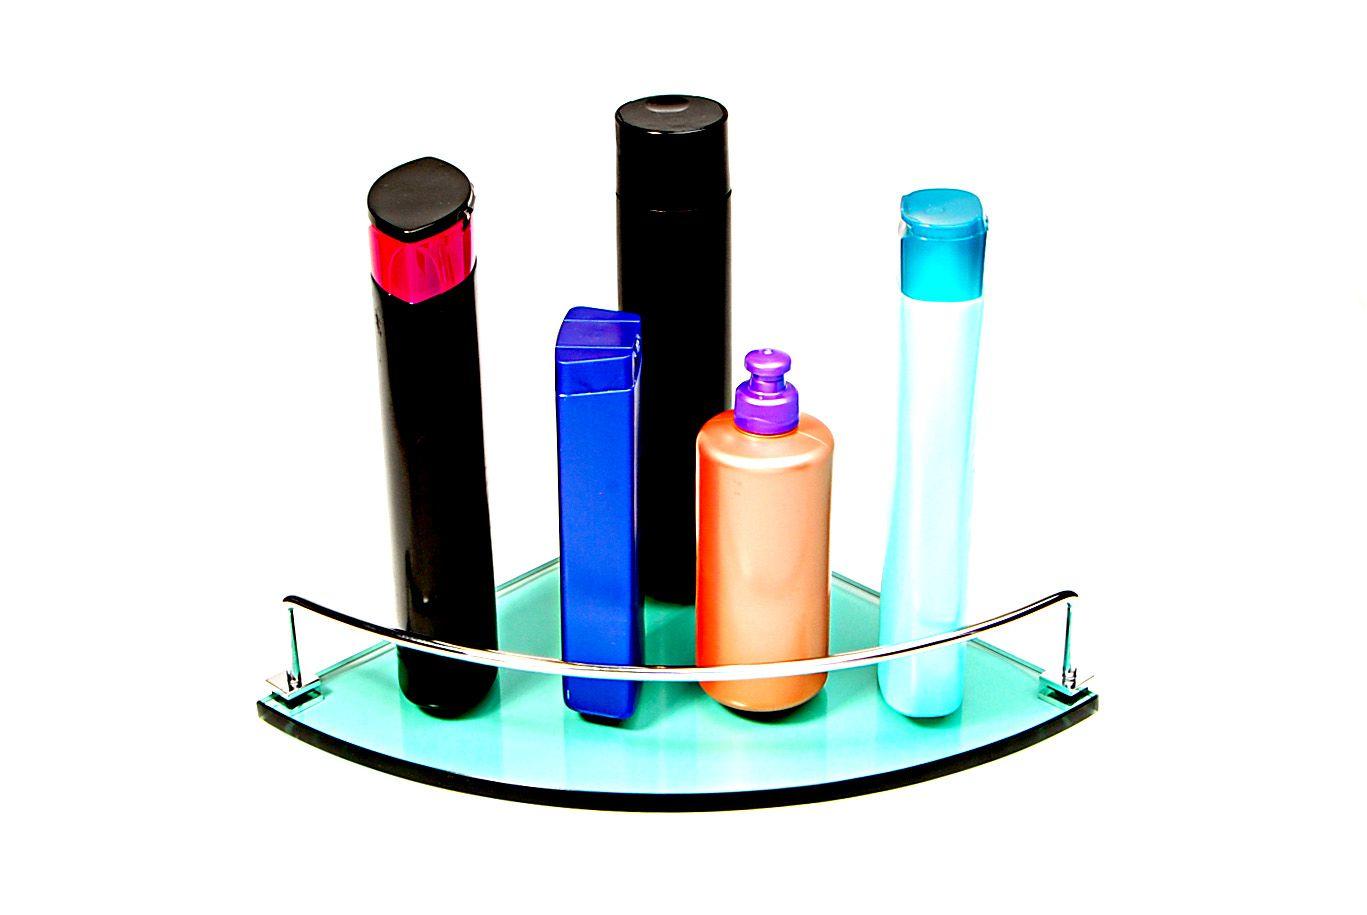 Porta Shampoo Canto Curvo em Vidro Verde Lapidado - Aquabox  - 25cmx25cmx10mm